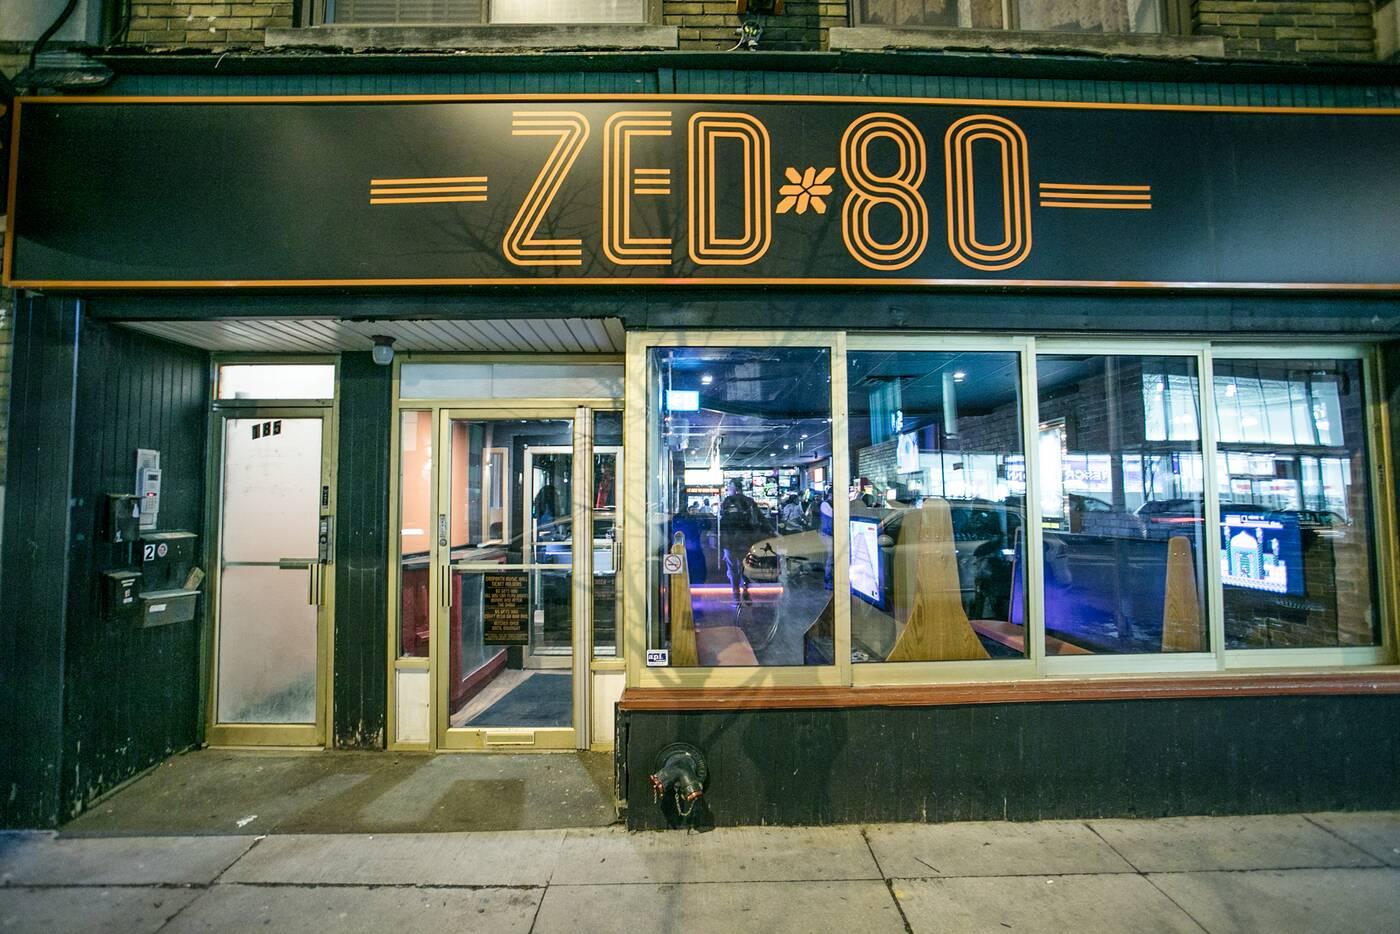 Zed 80 Toronto